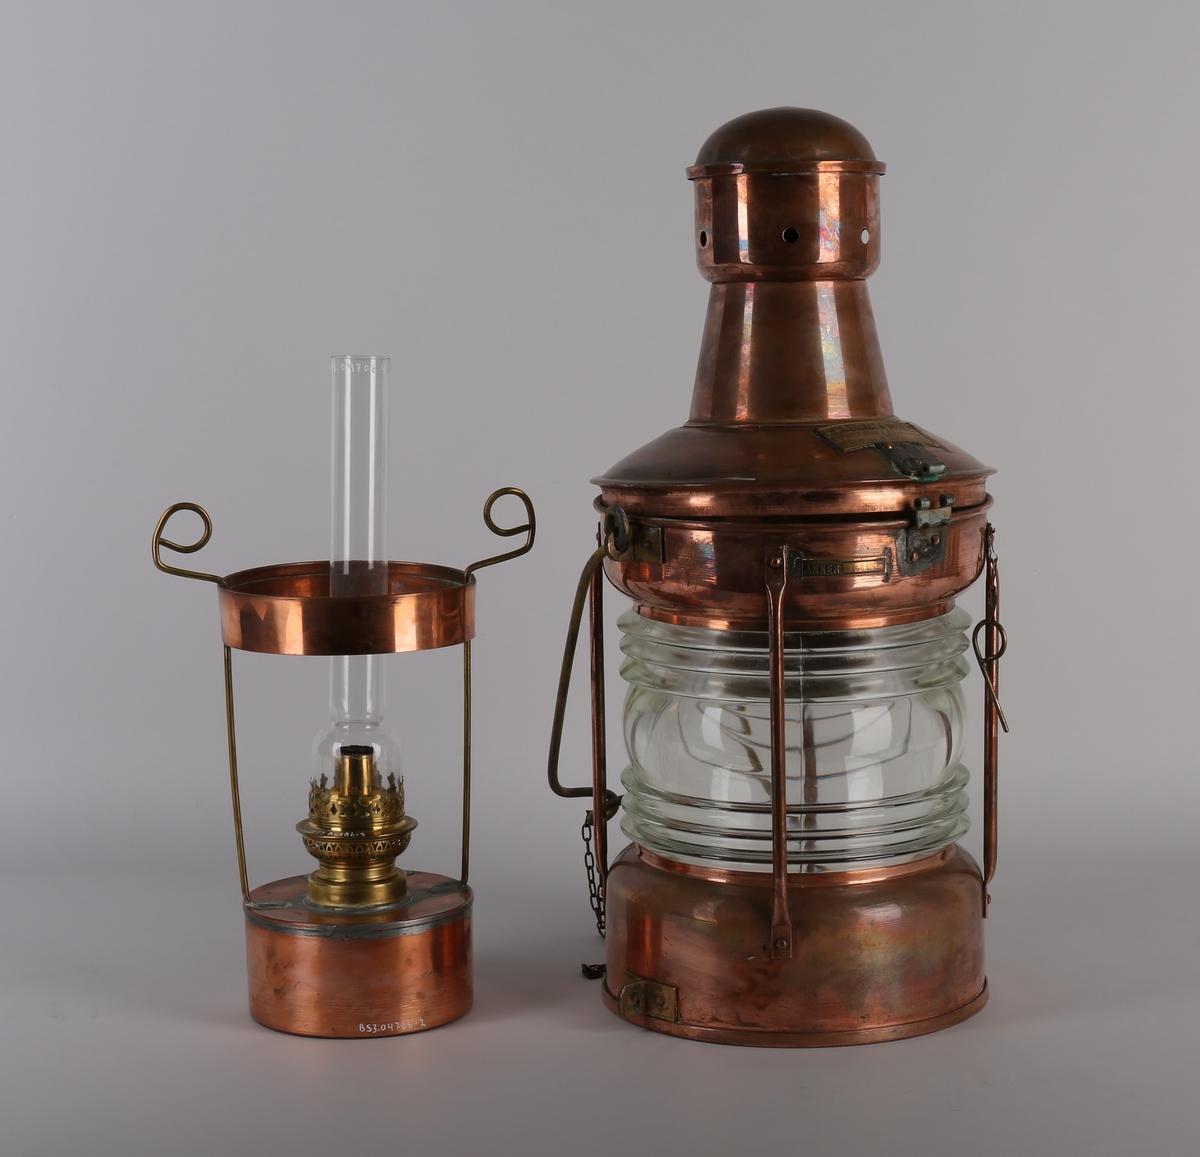 Ankerlanterne i kobber med parafinbrenner. Rund med hank for opphenging og åpning på topp for å komme til parafinbrenneren.  Klart lampeglass med profiler.